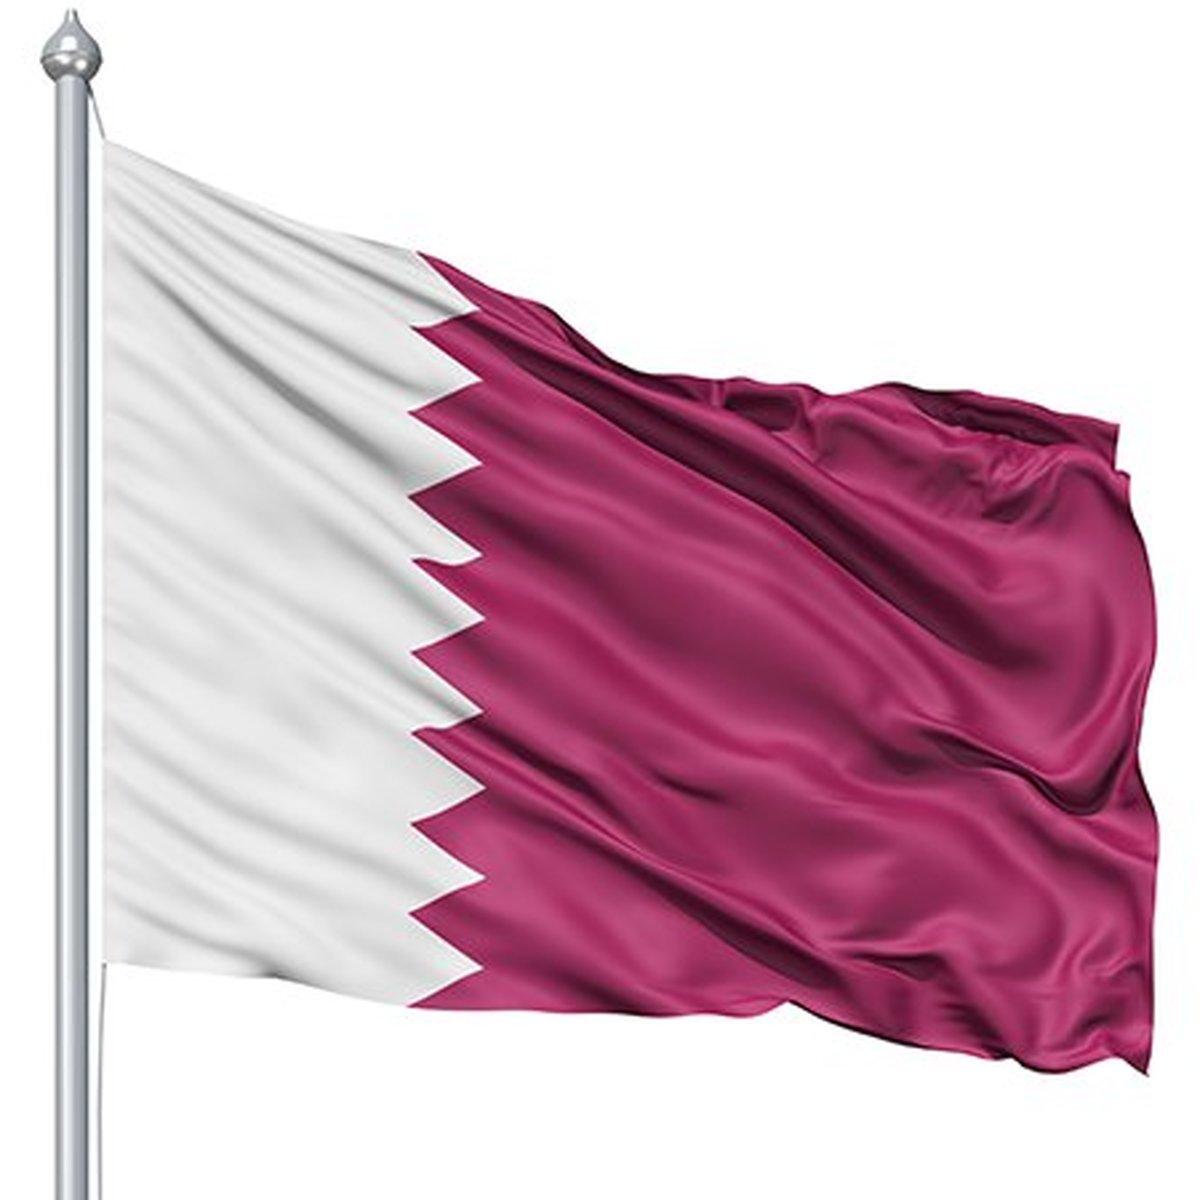 اعلام آمادگی قطر برای تسهیل گفتوگو میان ایران و آمریکا